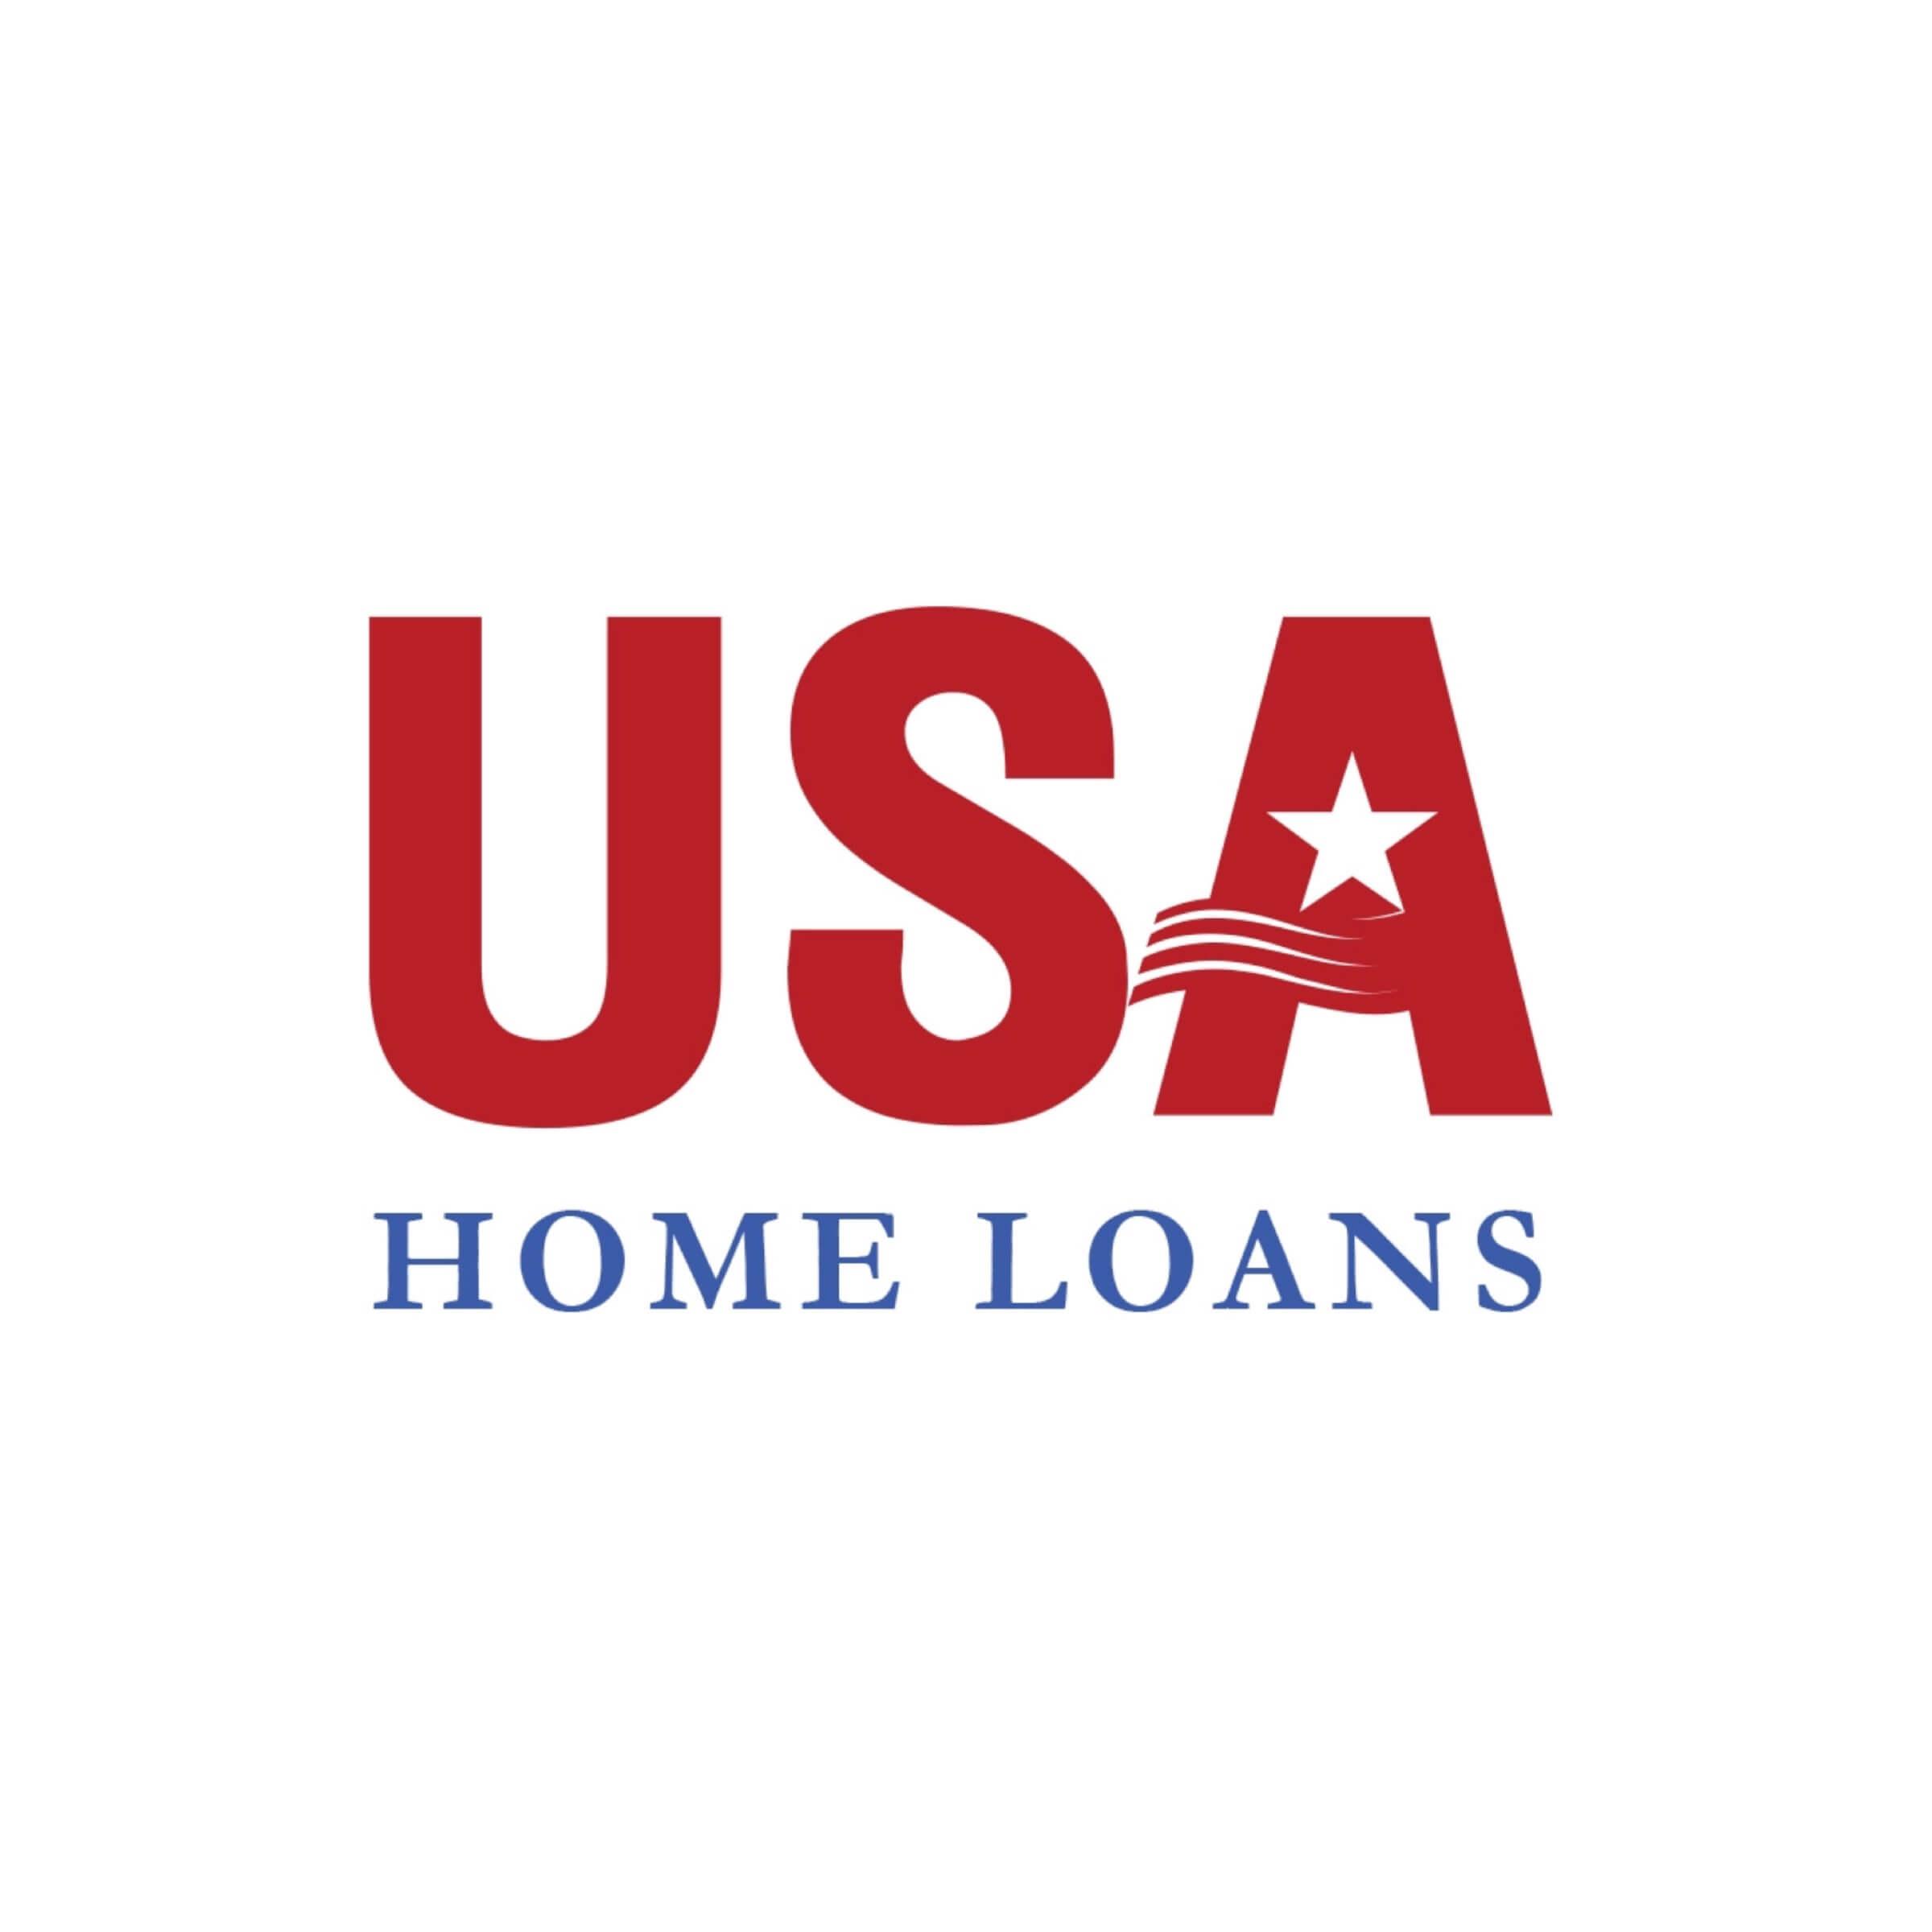 USA Home Loans